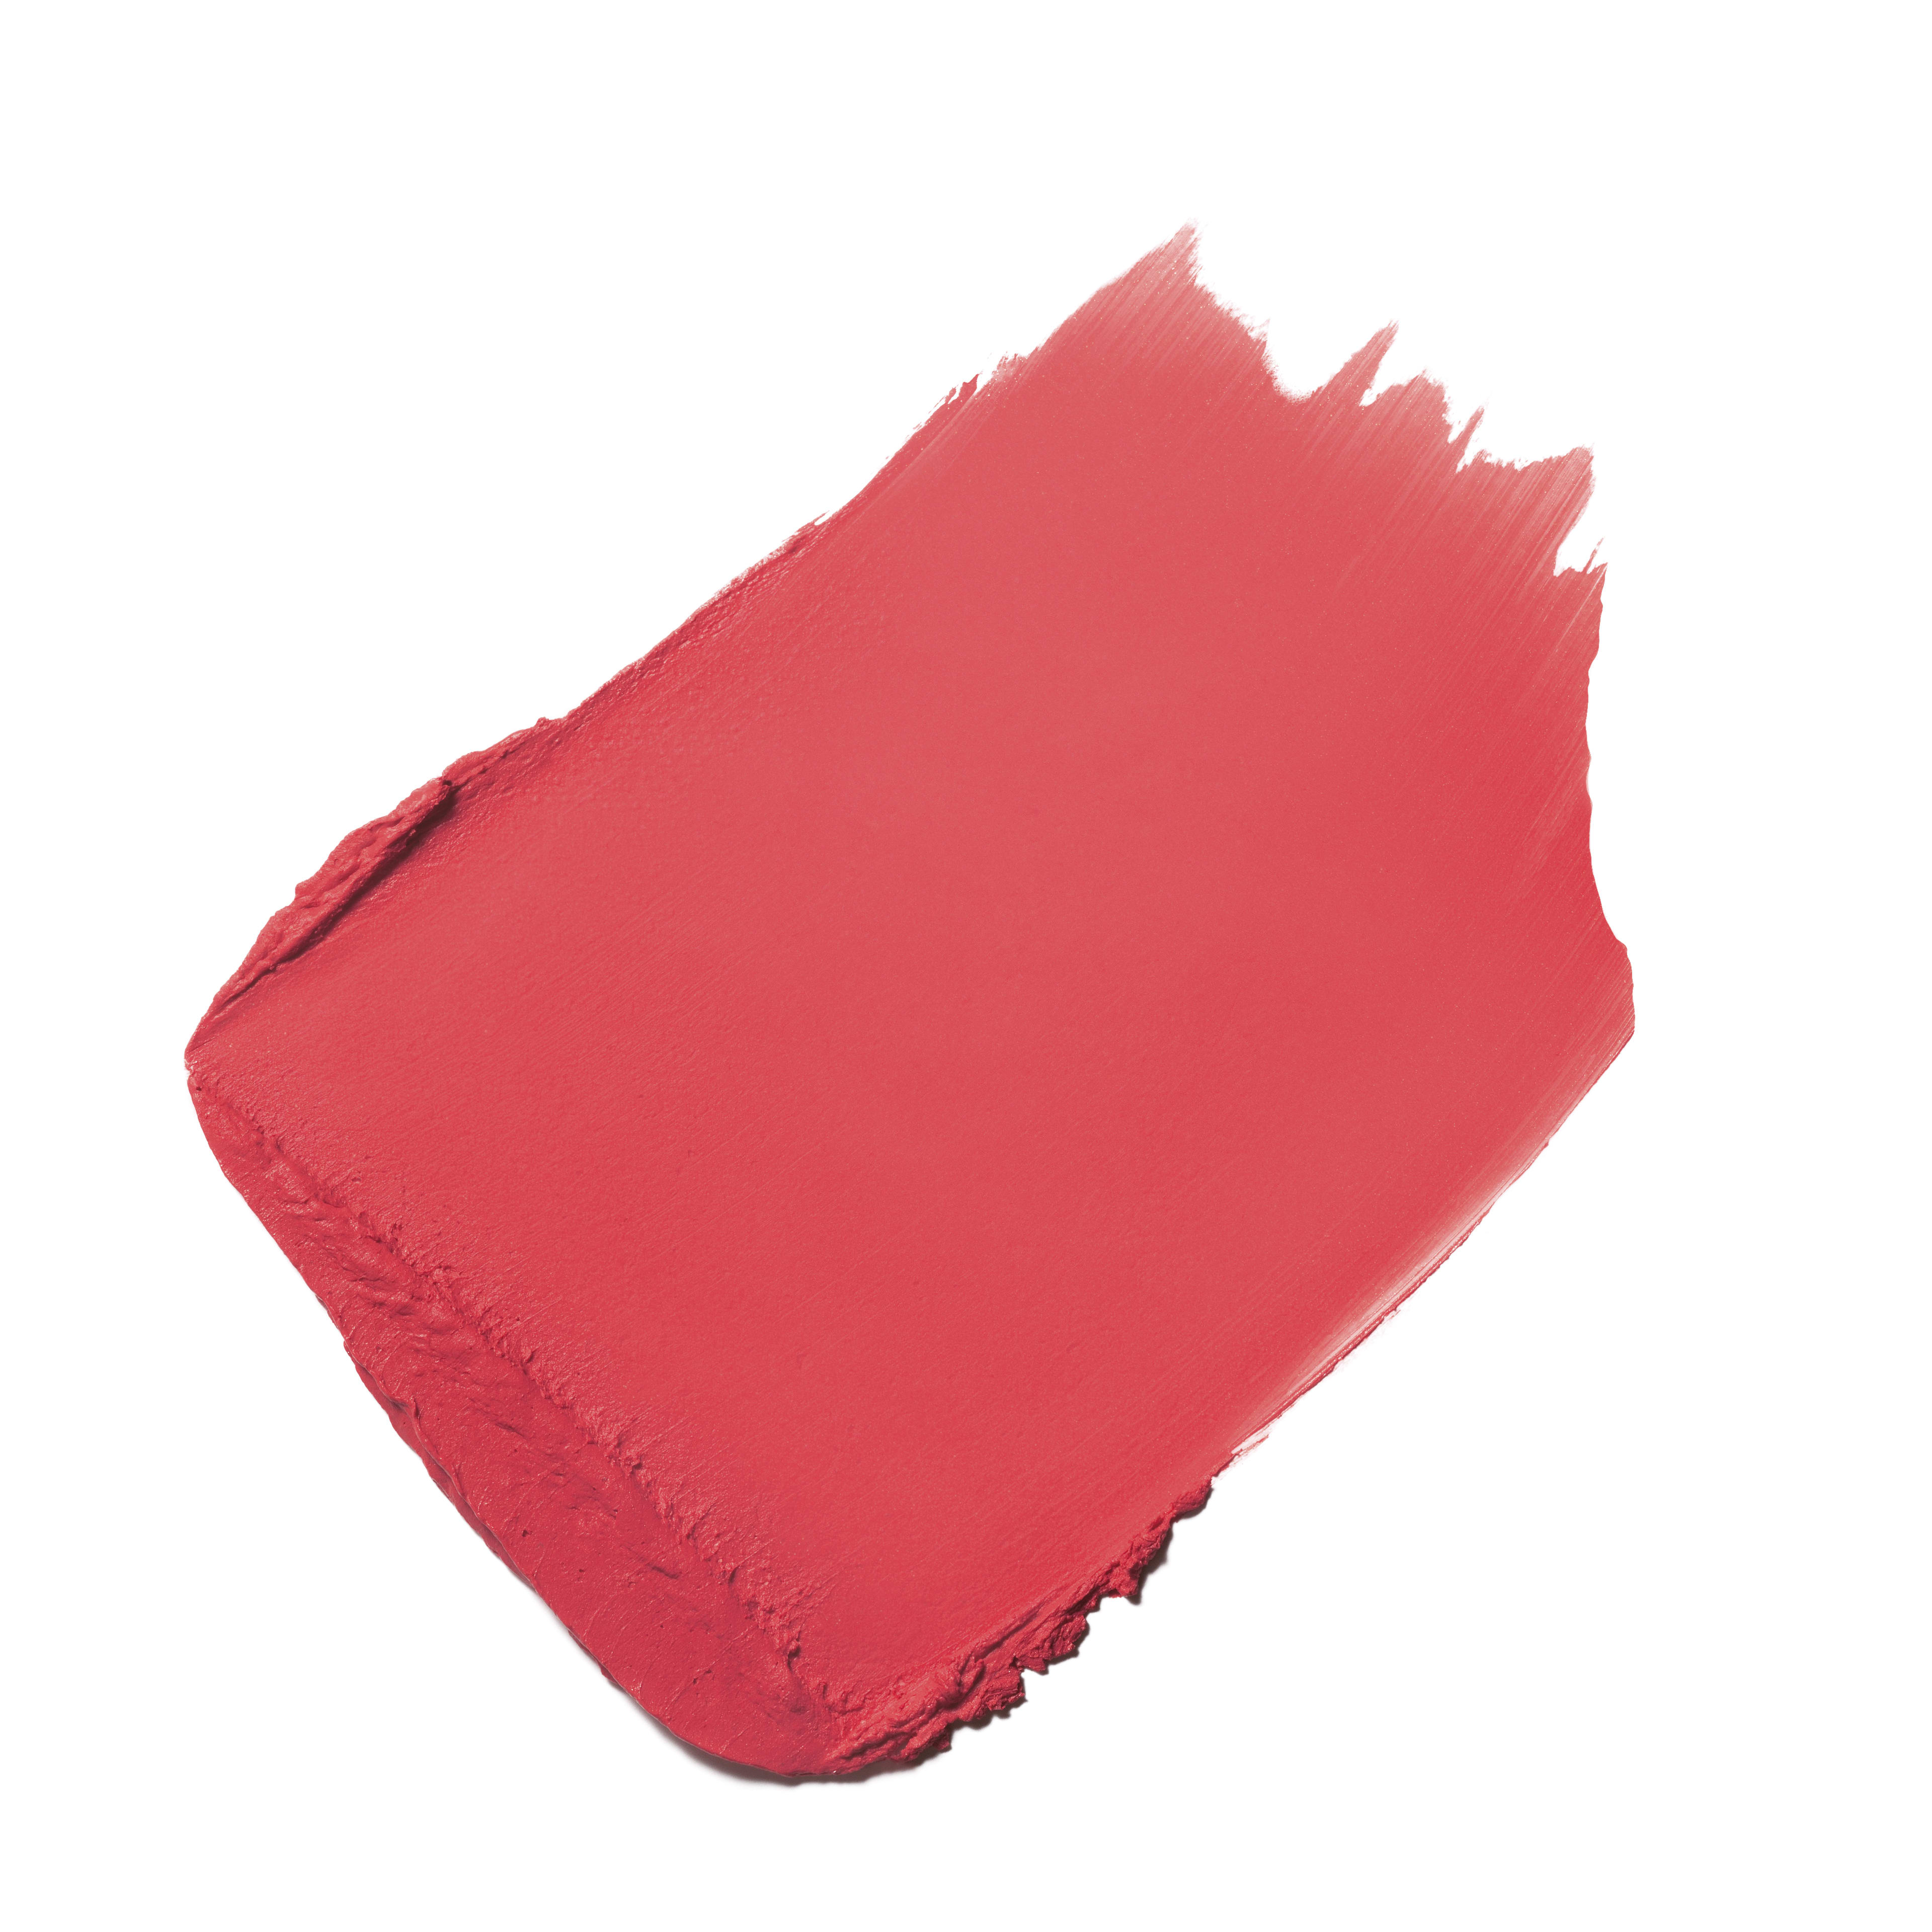 ROUGE ALLURE VELVET - makeup - 0.12OZ. -                                                                 alternative view - see full sized version